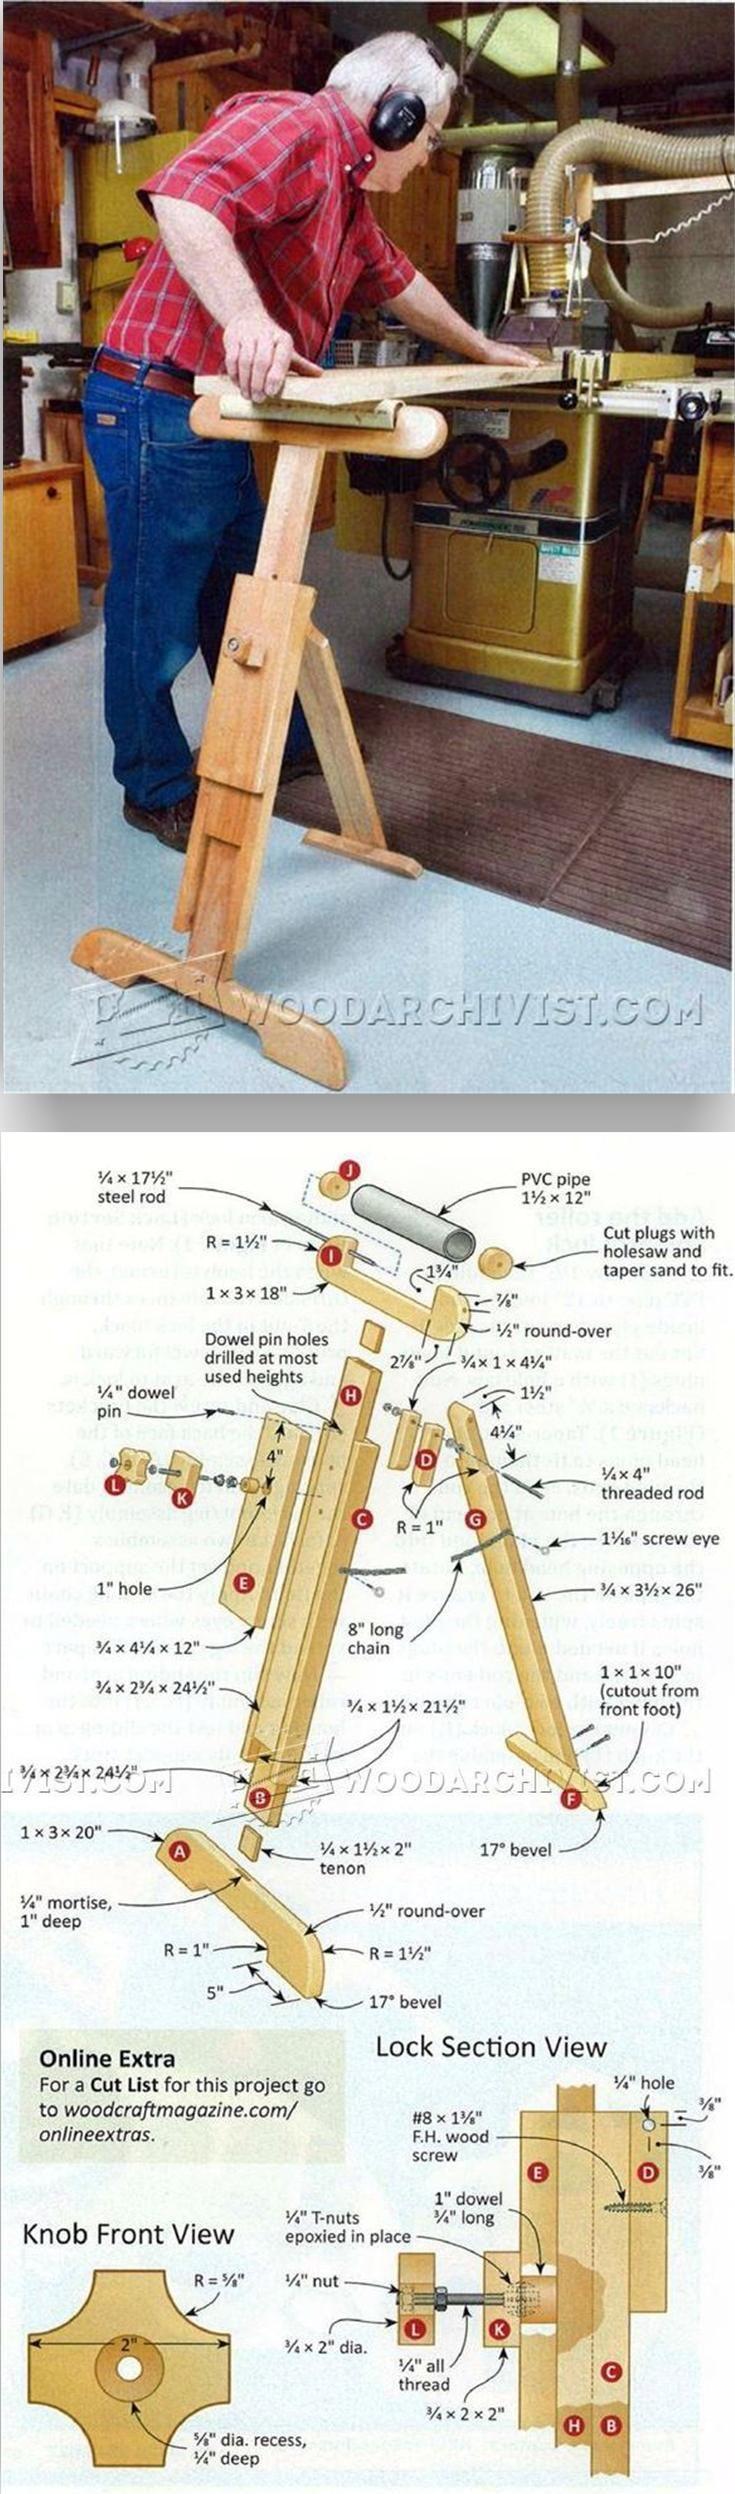 Adjustable Roller Stand Plans - Workshop Solutions Plans, Tips and Tricks | WoodArchivist.com